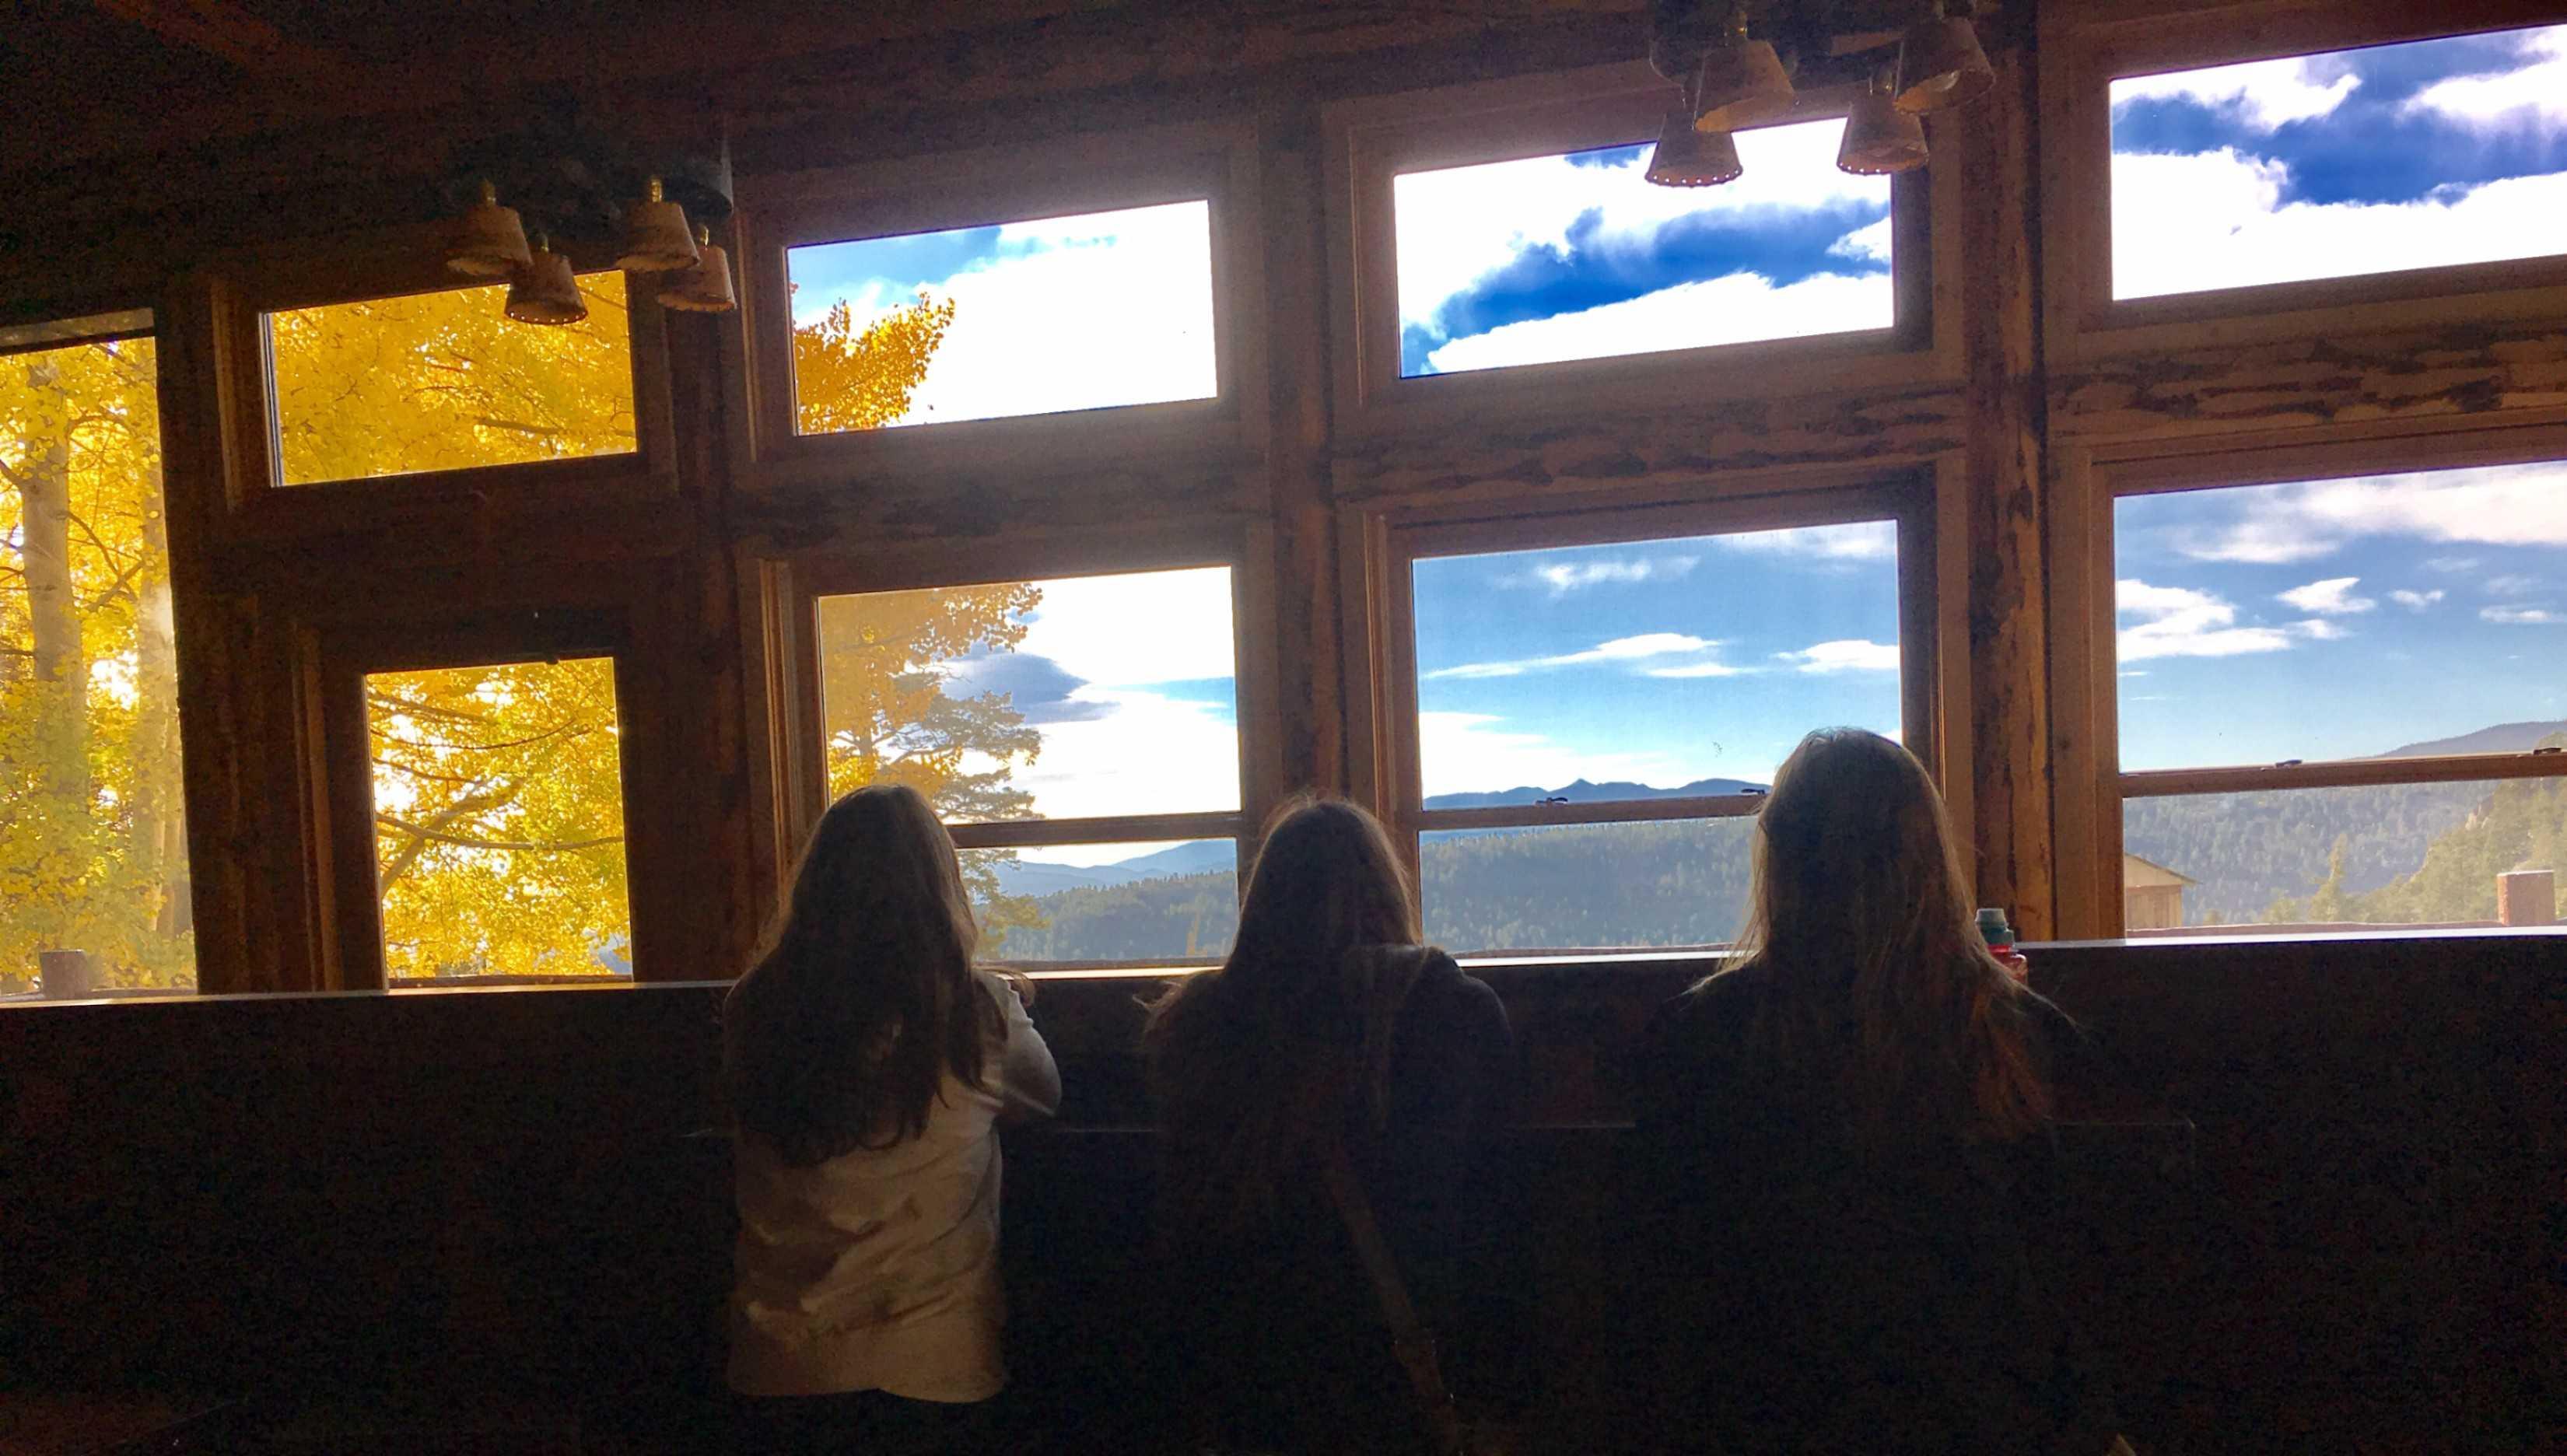 Emmas Brumm, Nicole De La Fuente, and Morgan Gatlin wishing to be back in the mountains